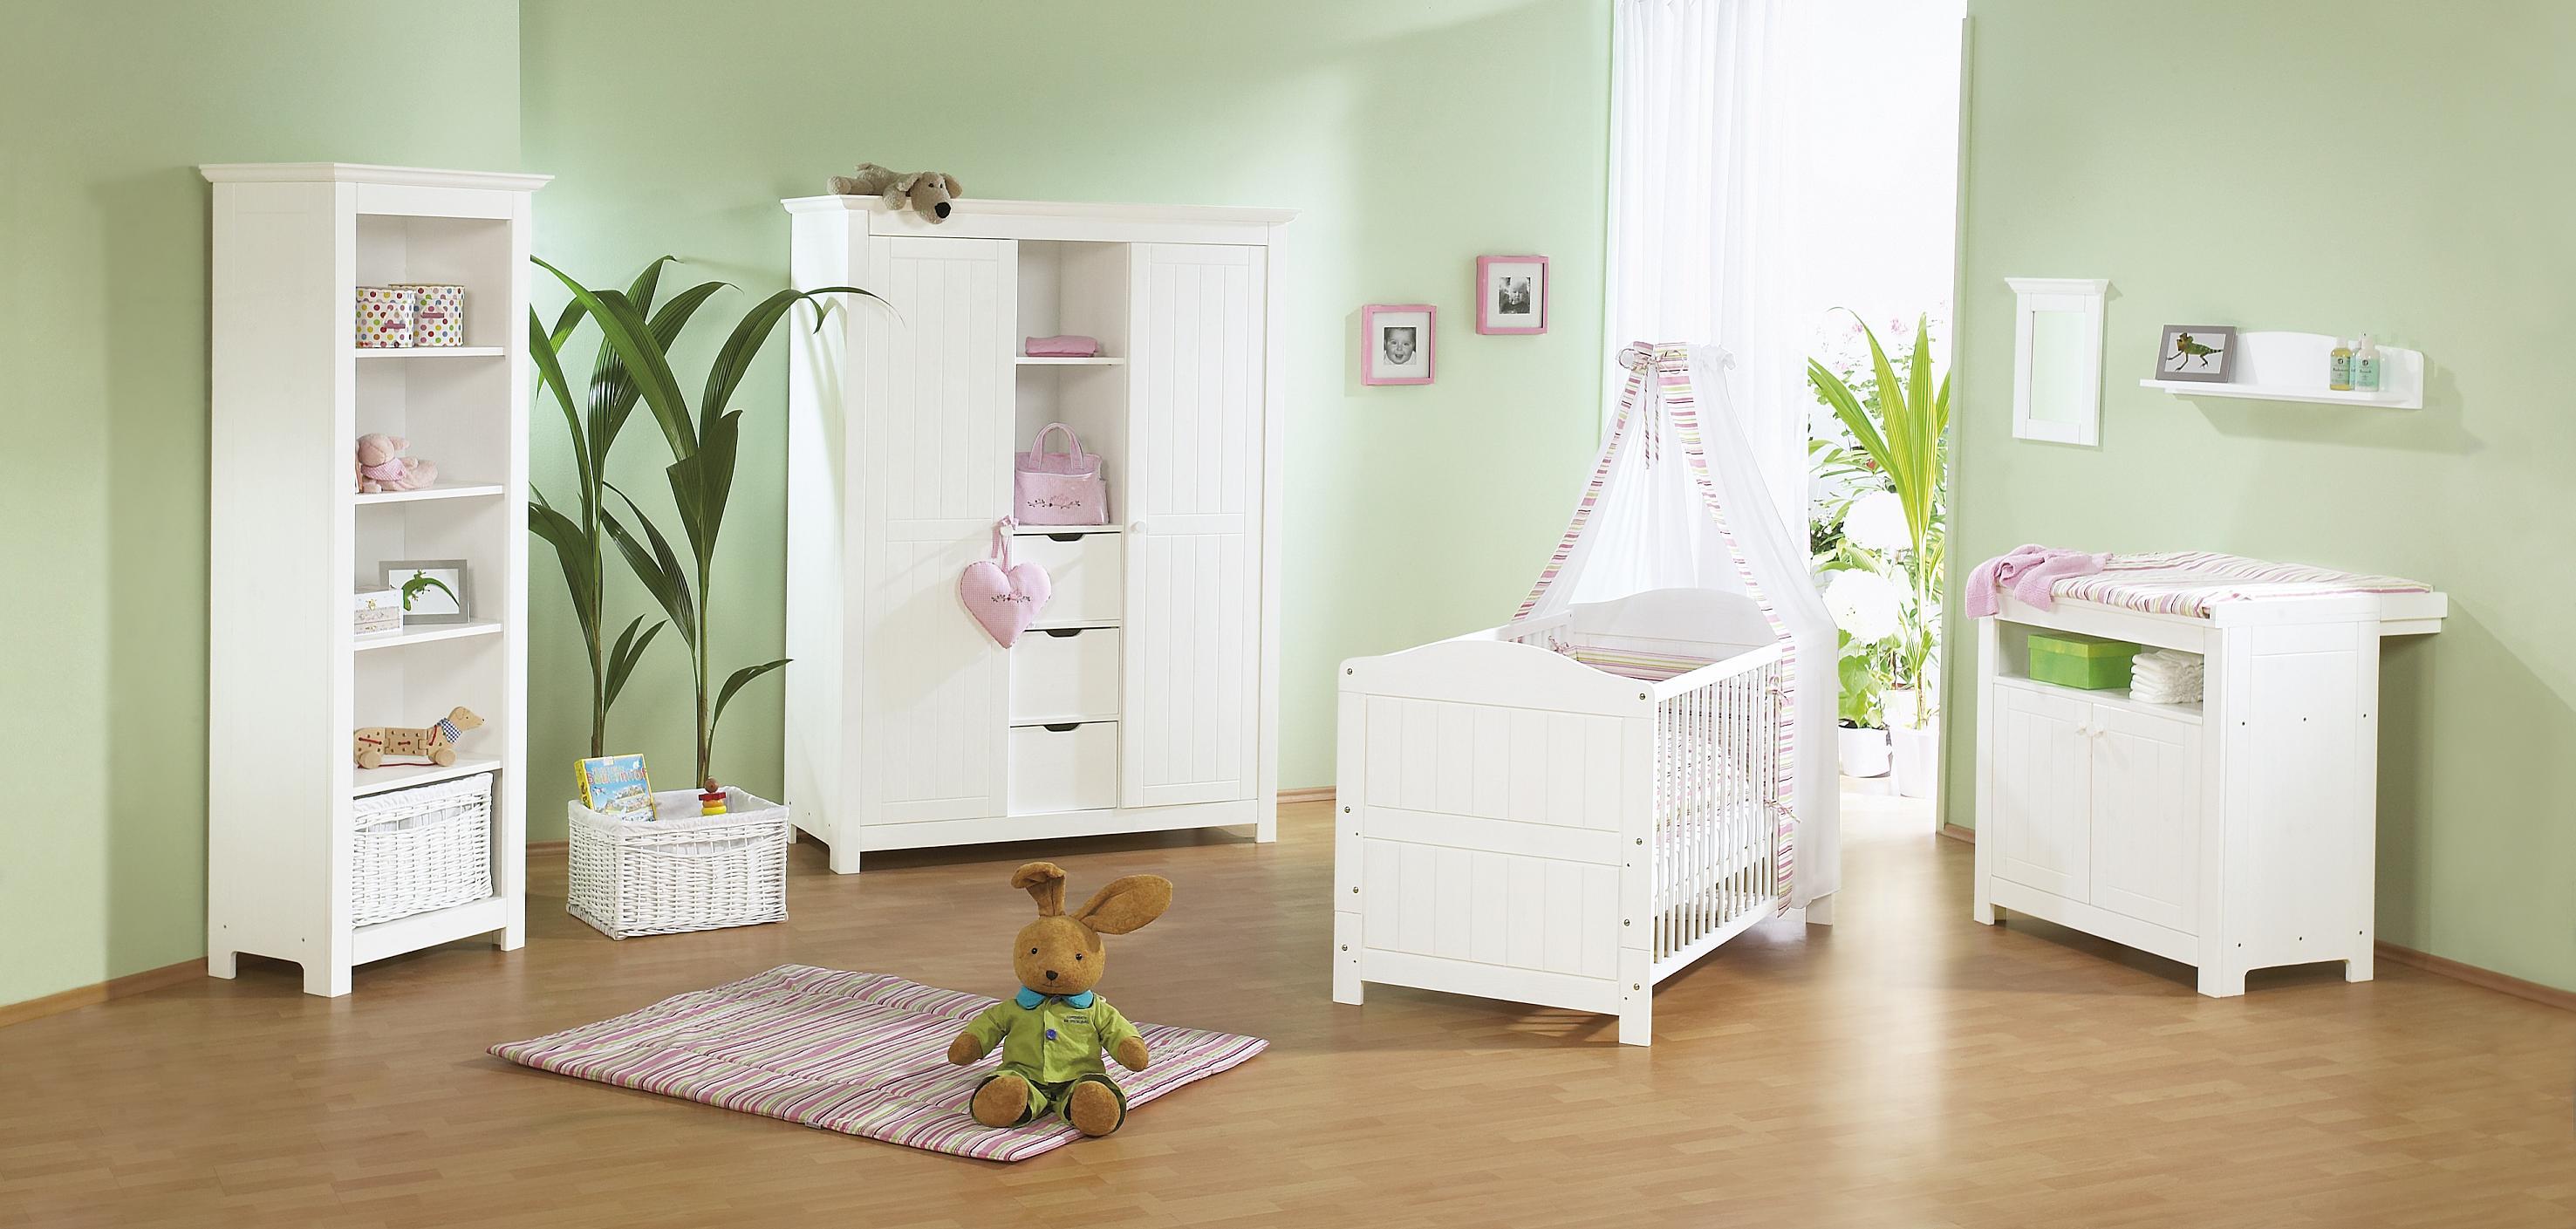 Chambre bébé pinolino nina - Idées de tricot gratuit